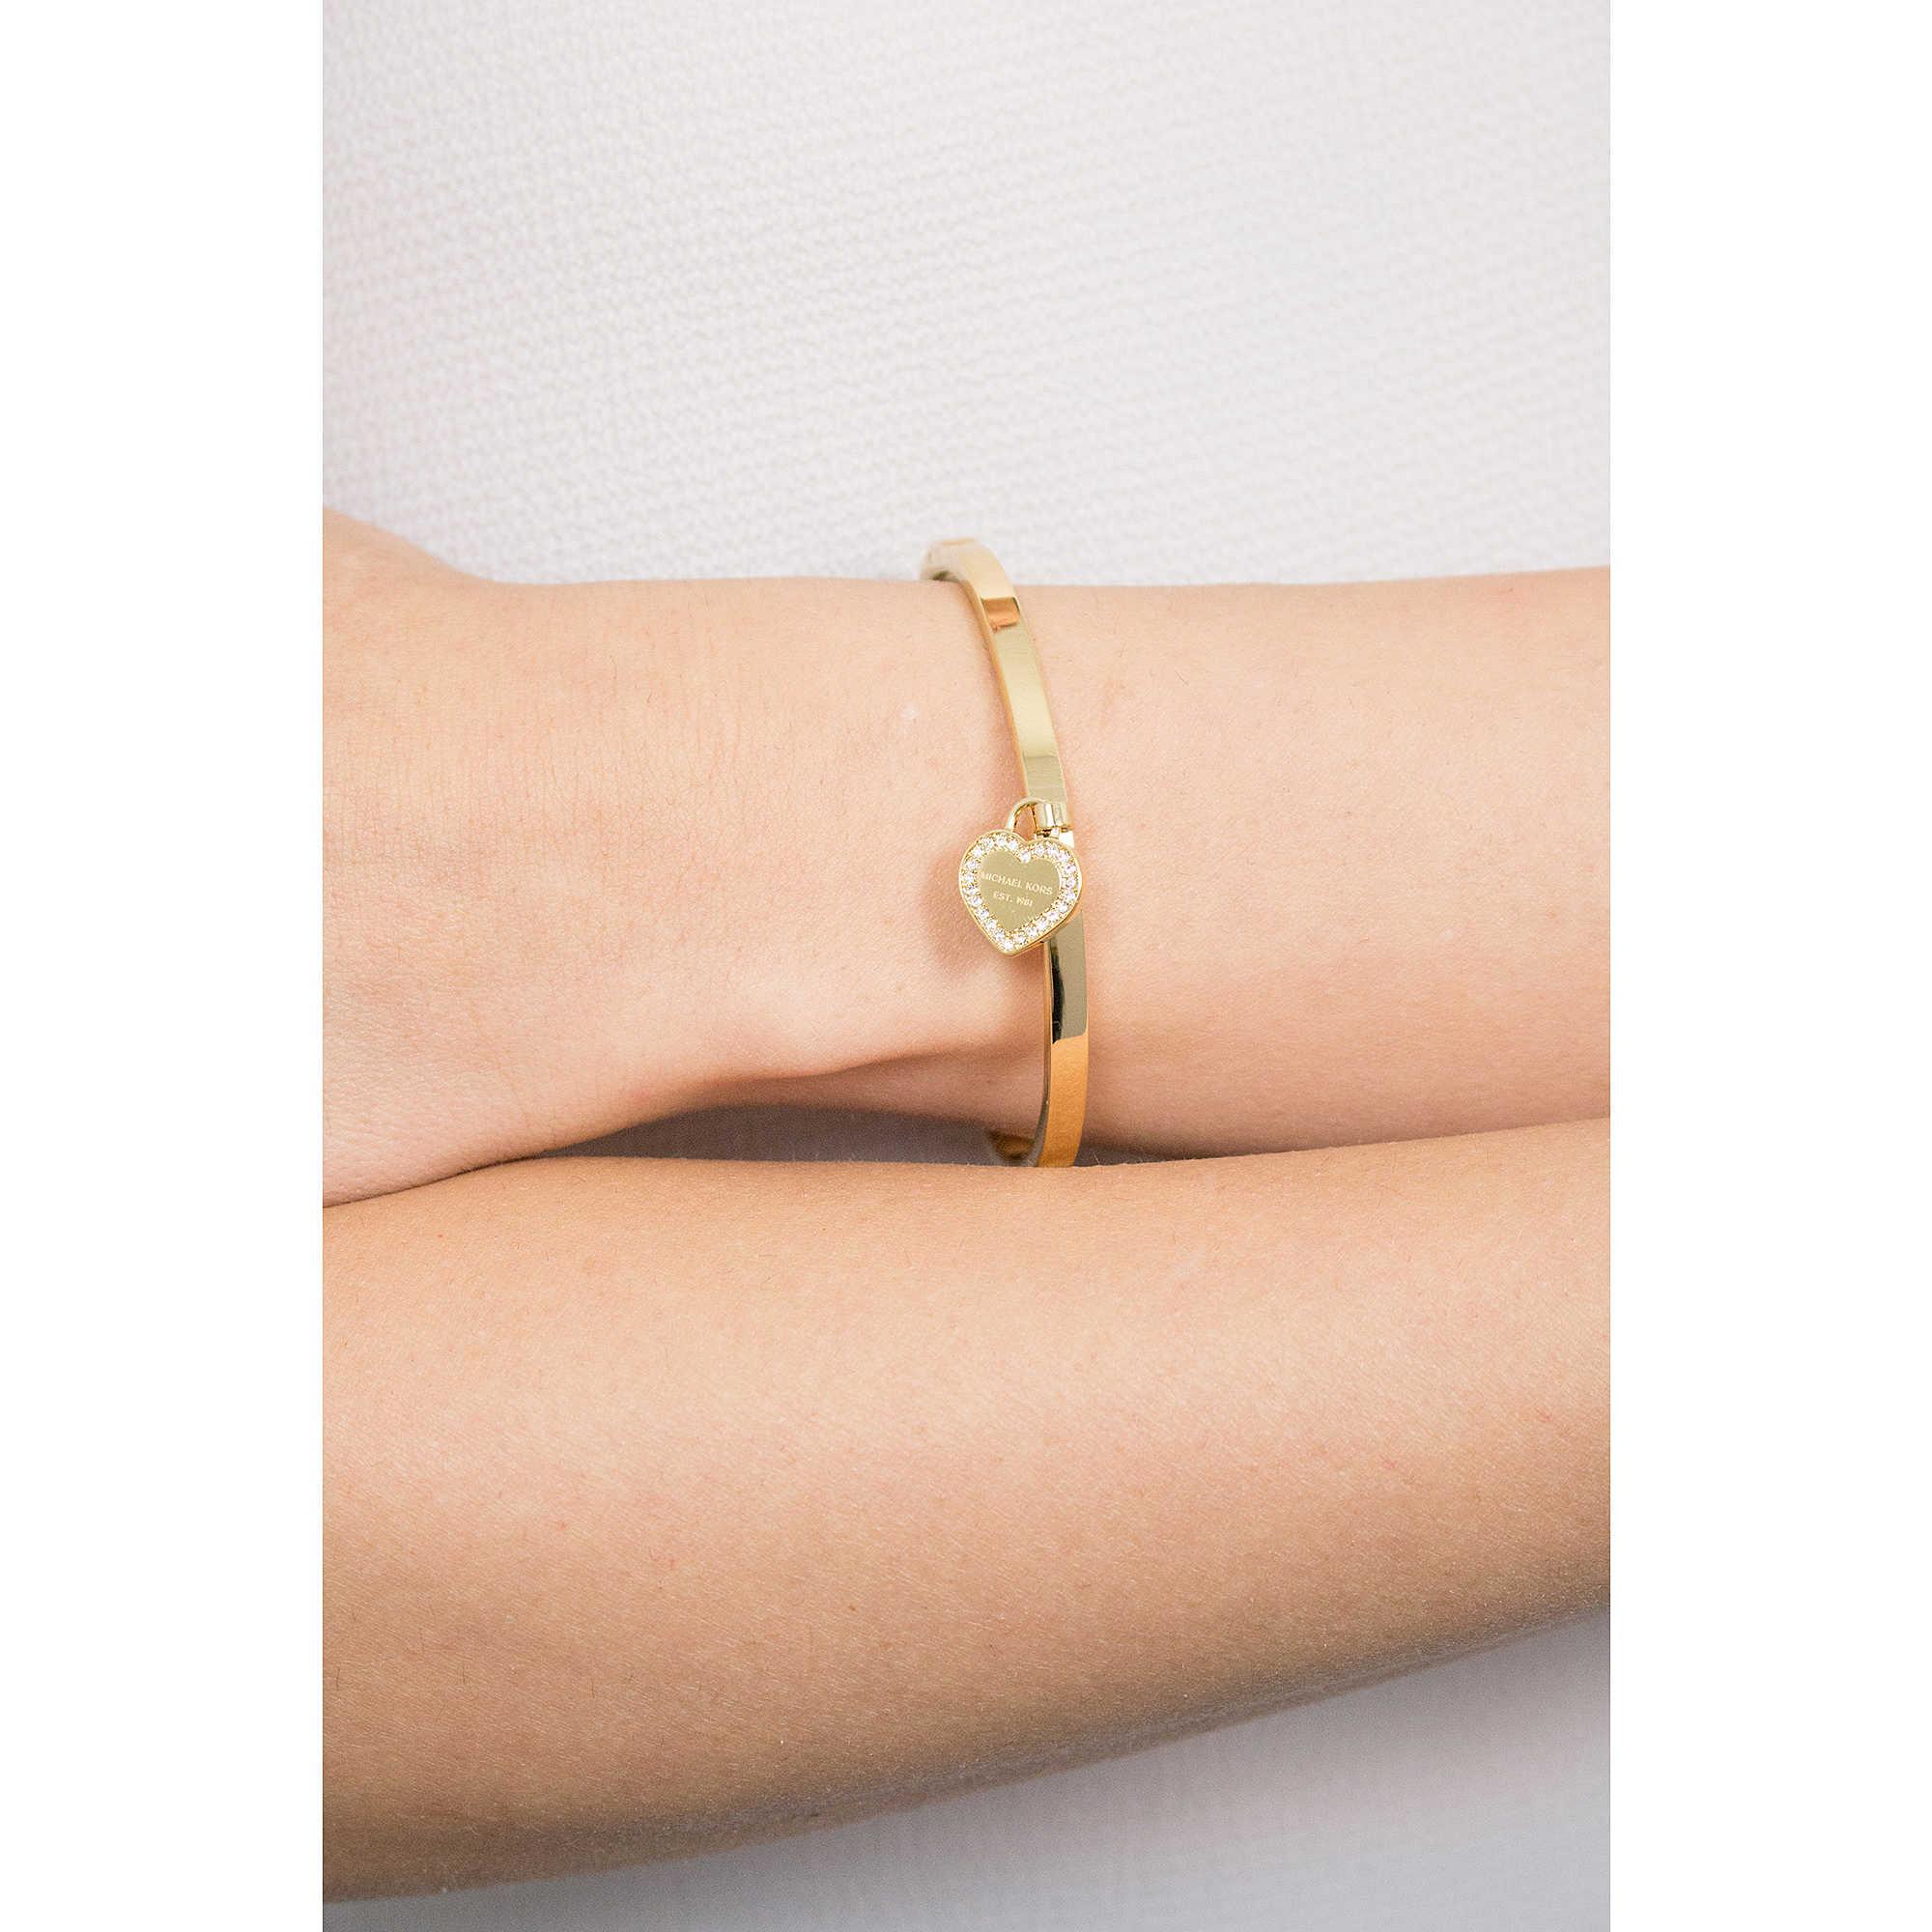 Michael Kors Women's Bracelet MKJ5037710 CVRSpBxgF4